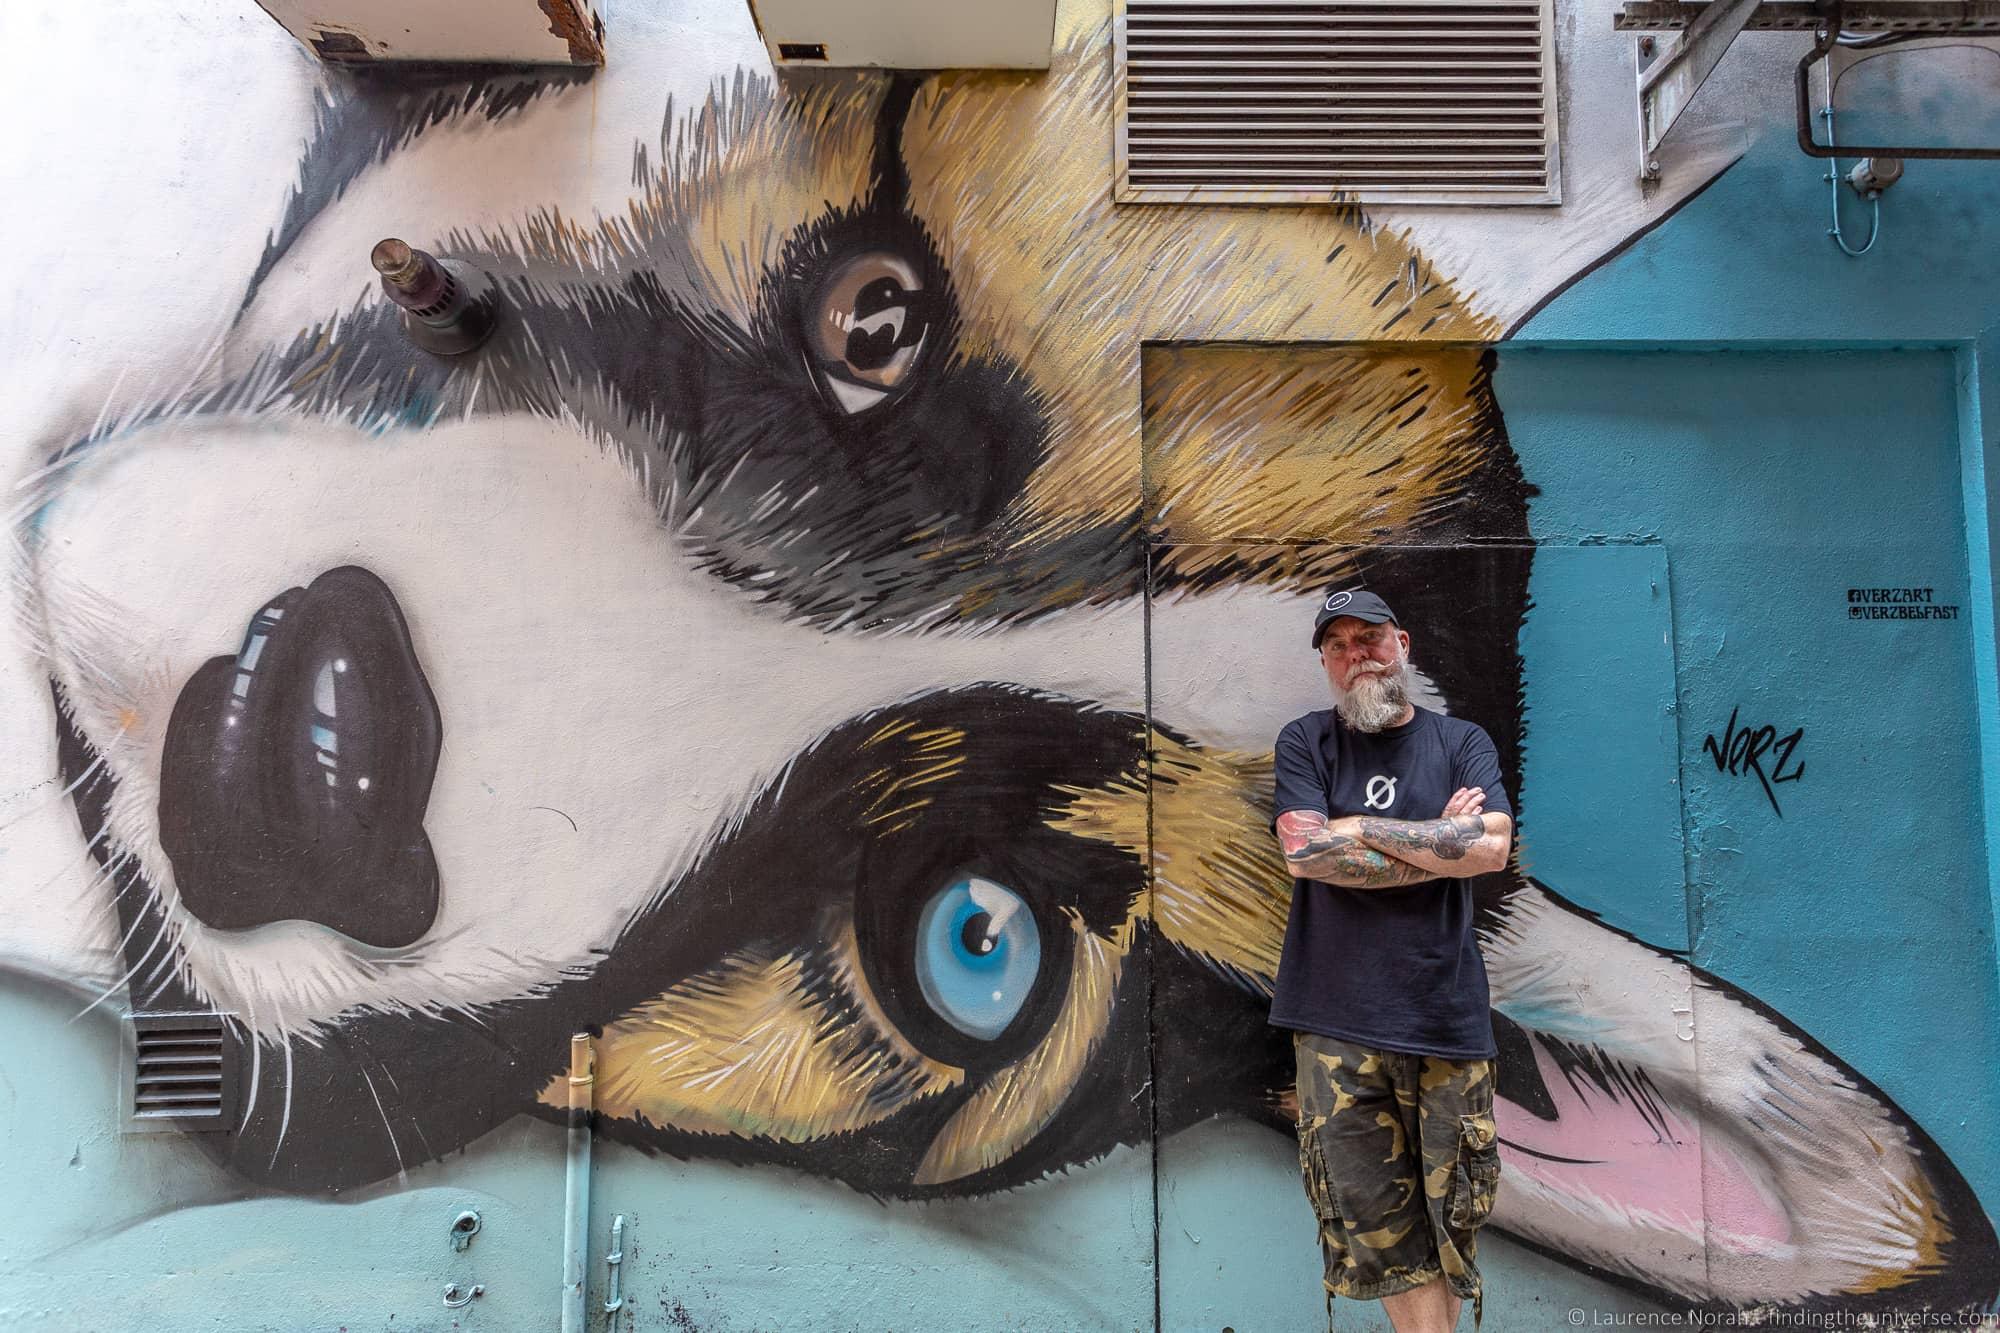 Belfast Street Art - Verz